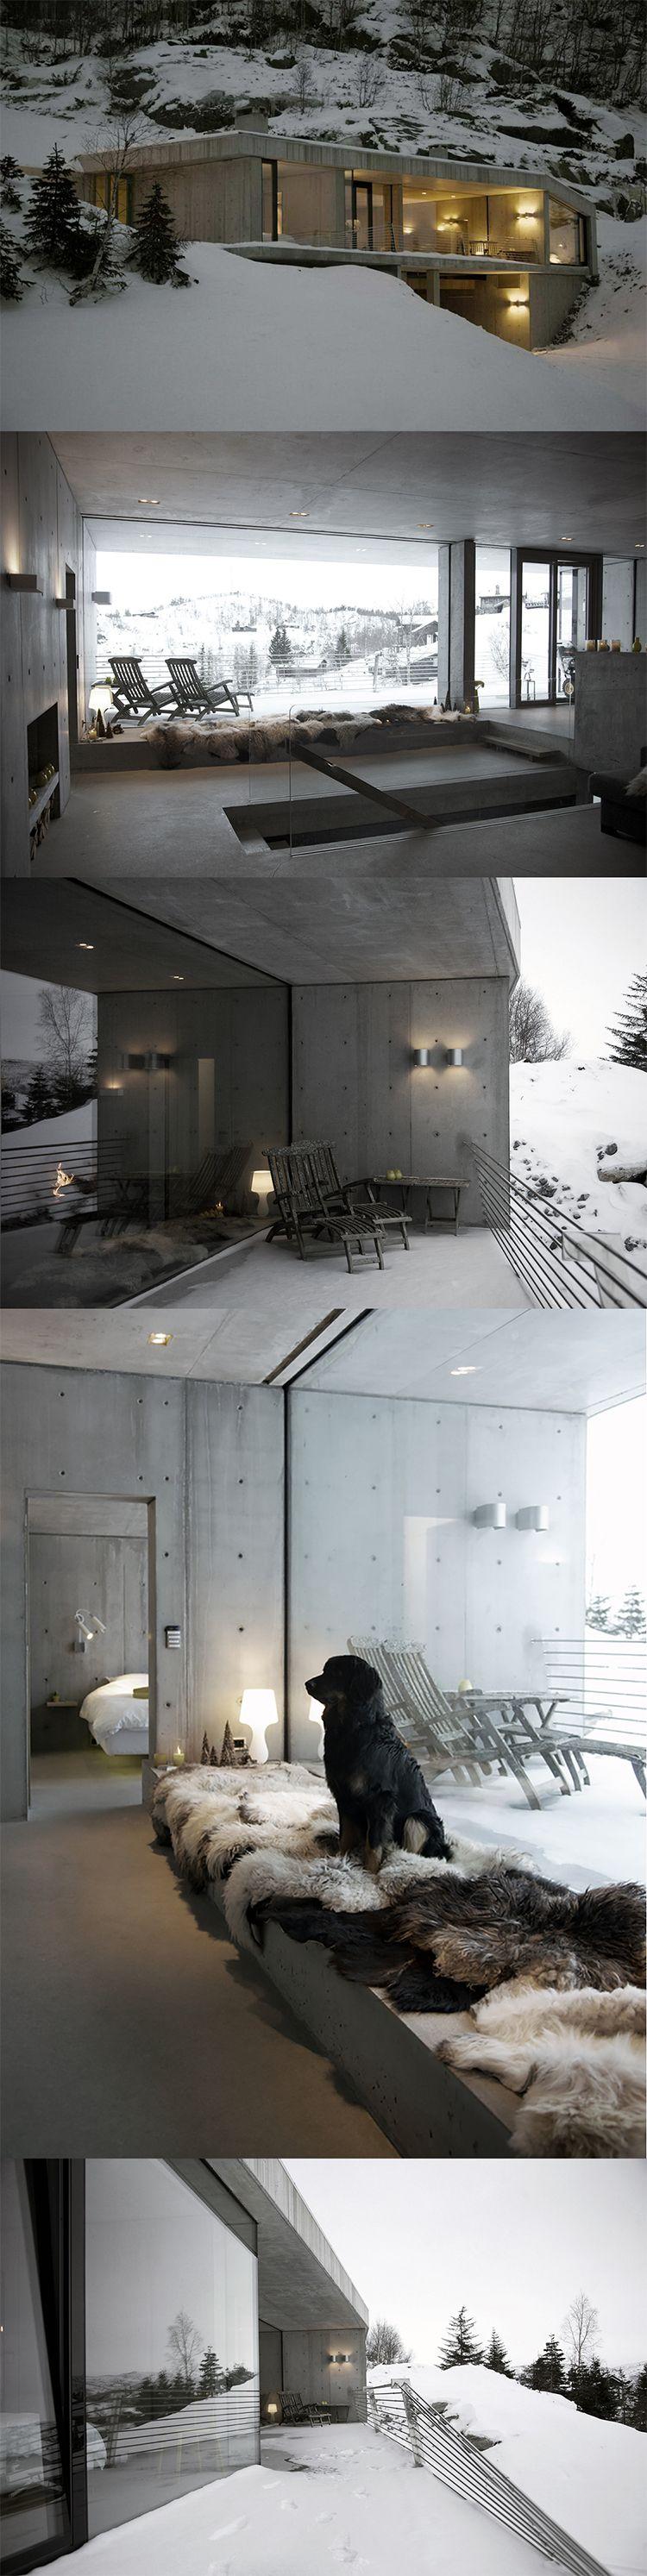 Winter cottage, Sirdalen Valley, Norway http://thecoolhunter.net/winter-cottage-sirdalen-valley-norway/